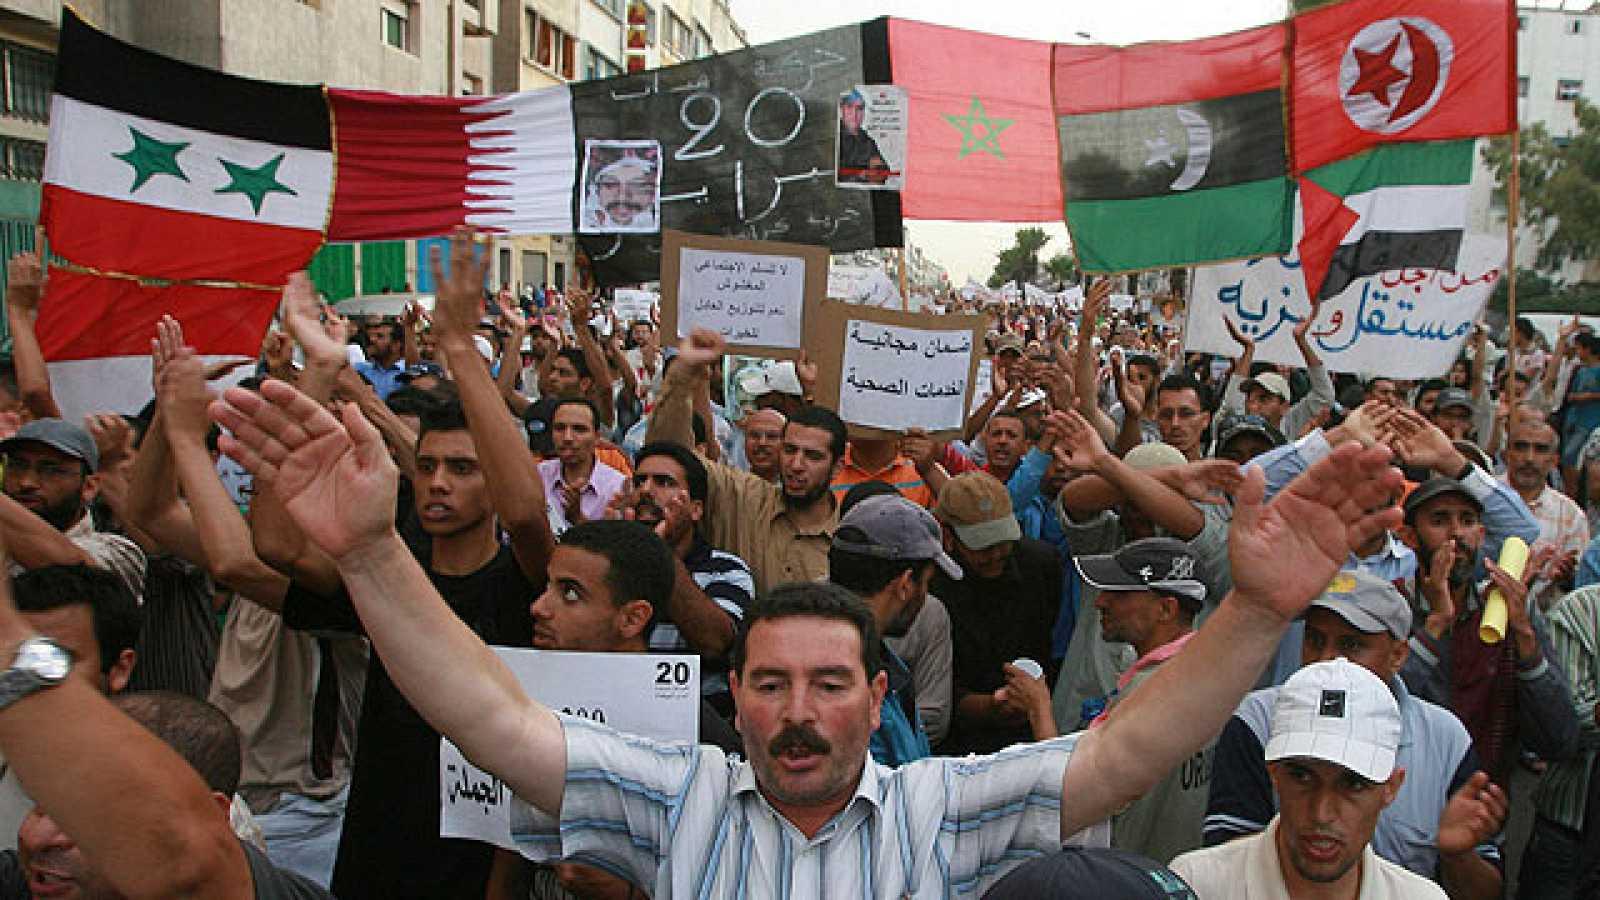 El movimiento 20 de Febrero ha vuelto a expresar este domingo su rechazo a la nueva Constitución.